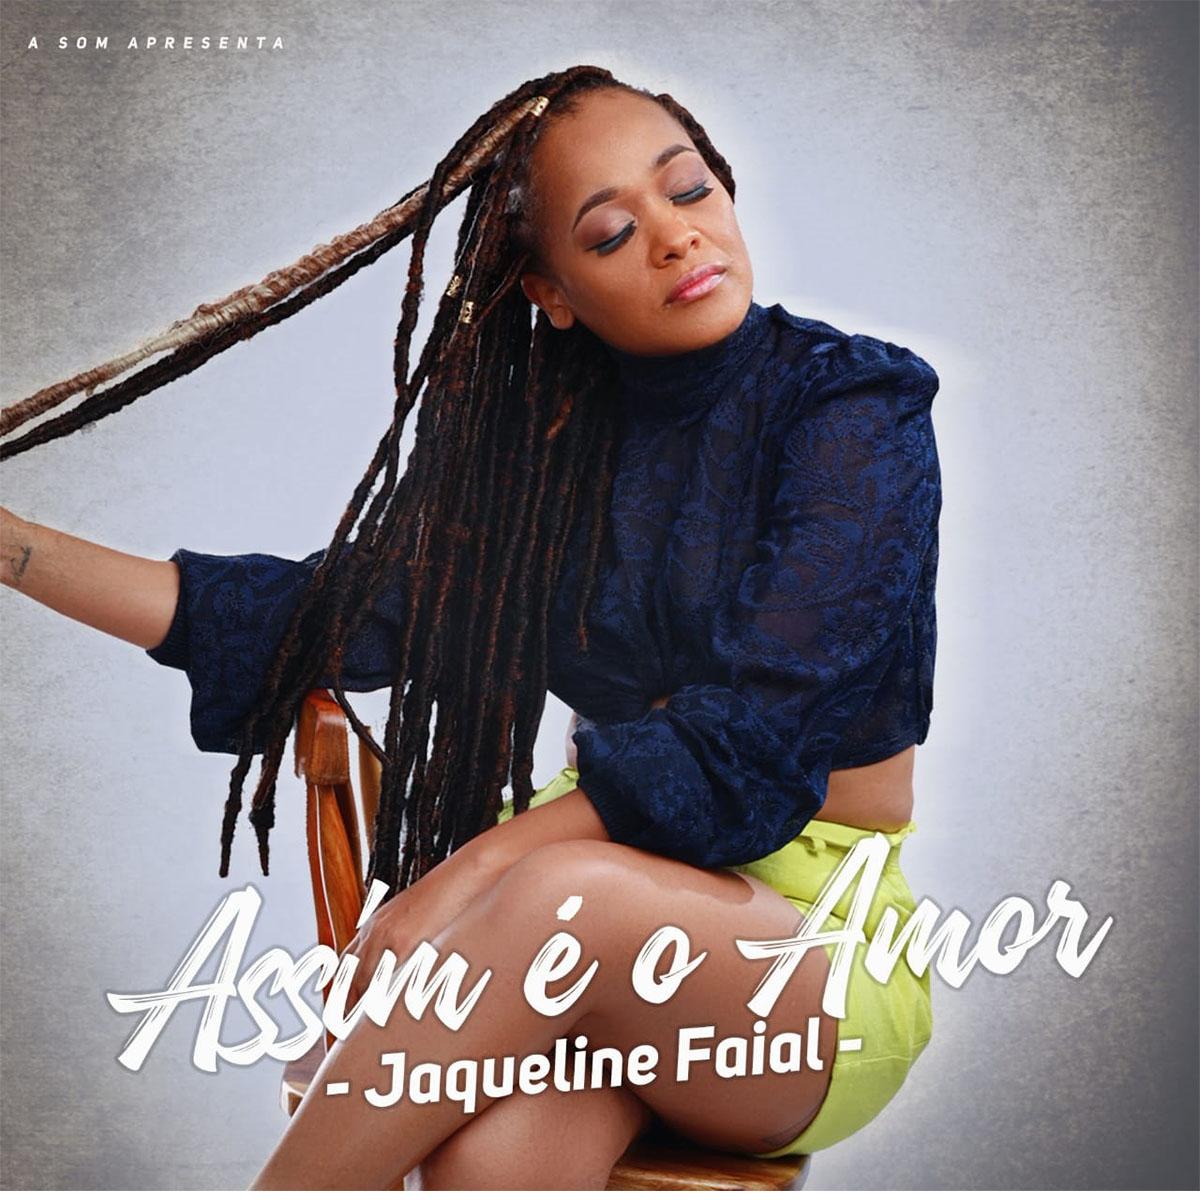 Jaqueline Faial - Assim é o Amor